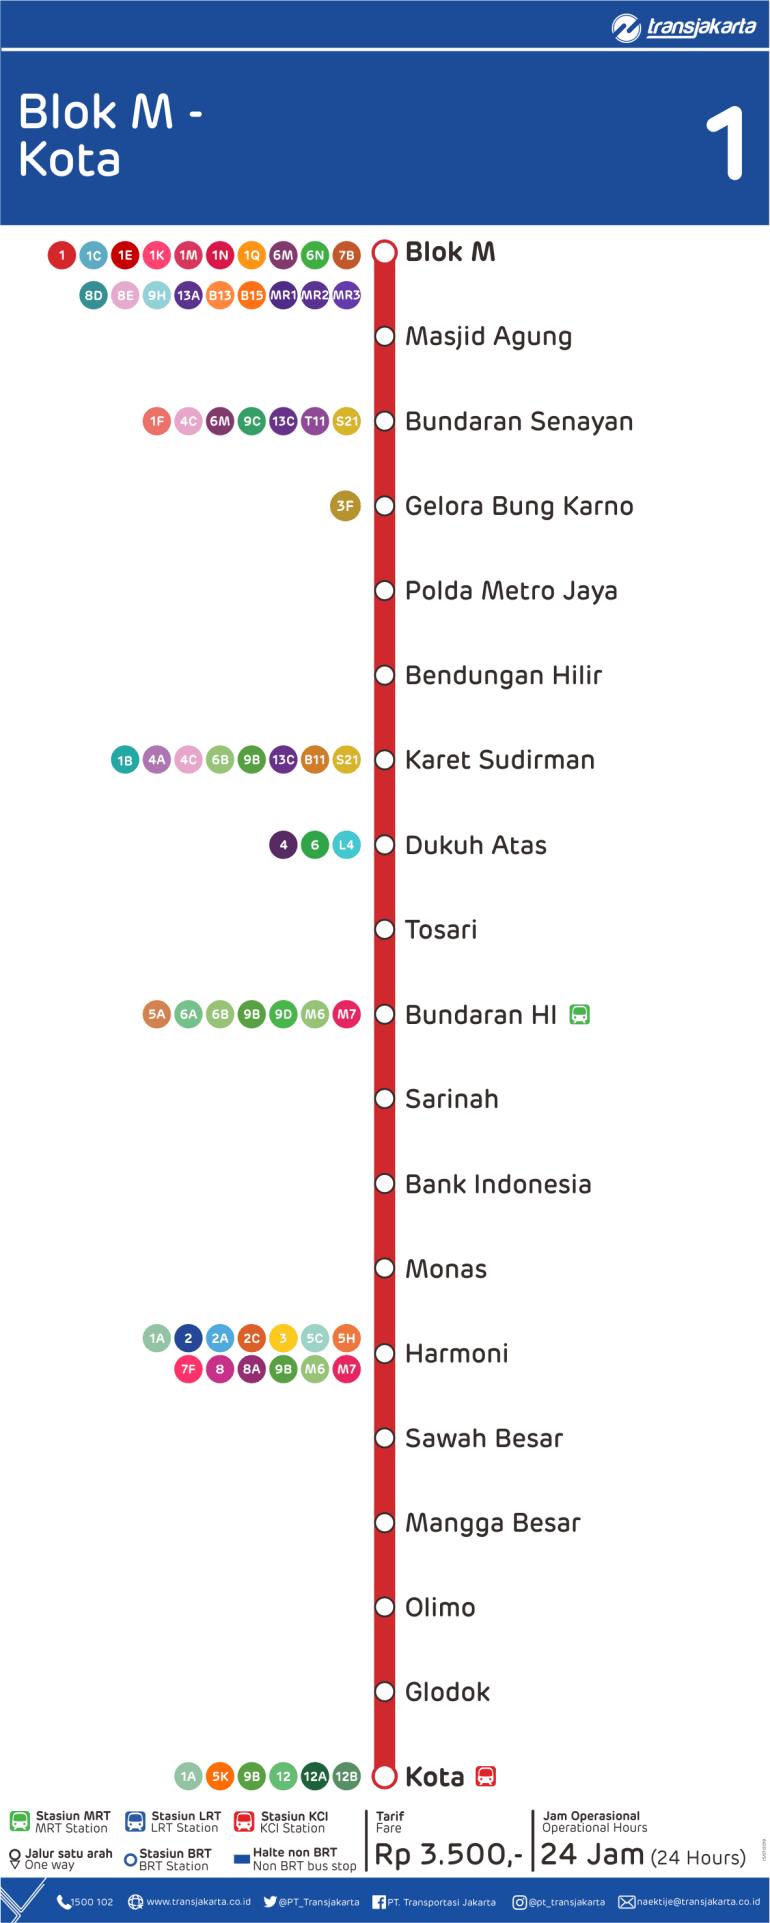 Koridor 1 Terminal Blok M sampai Stasiun BRT Kota